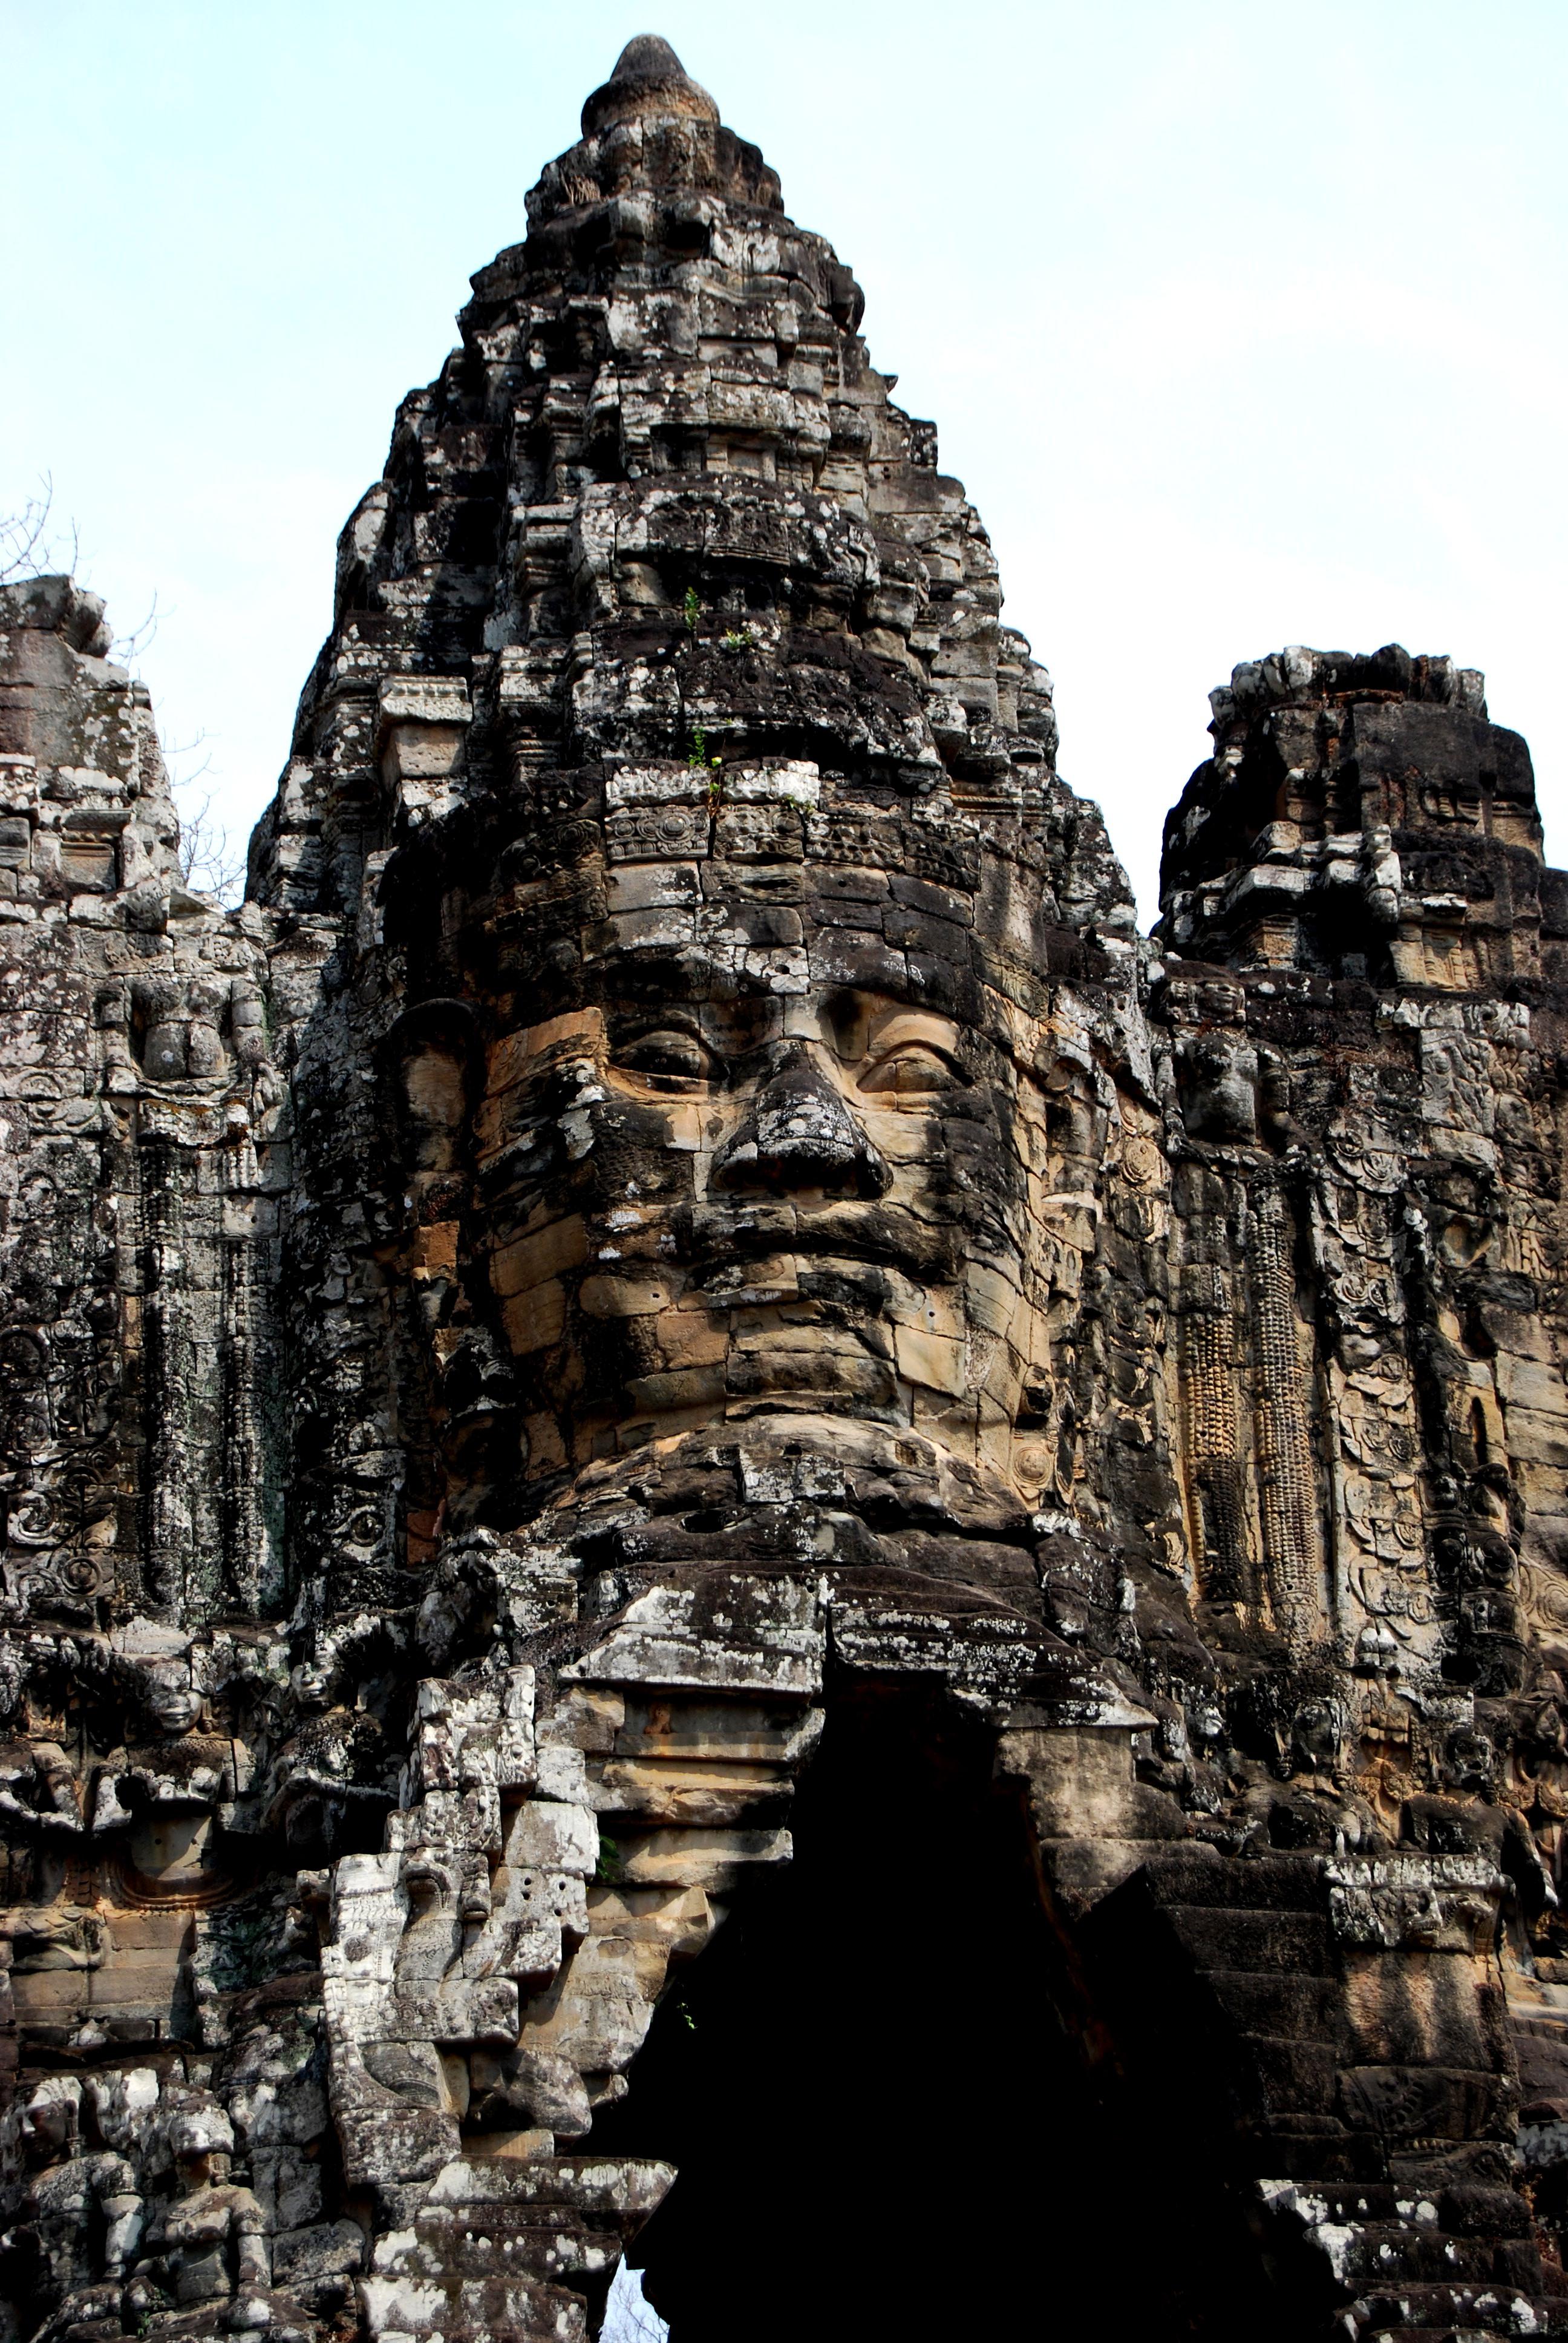 The Grandiose Entrances to Angkor Thom